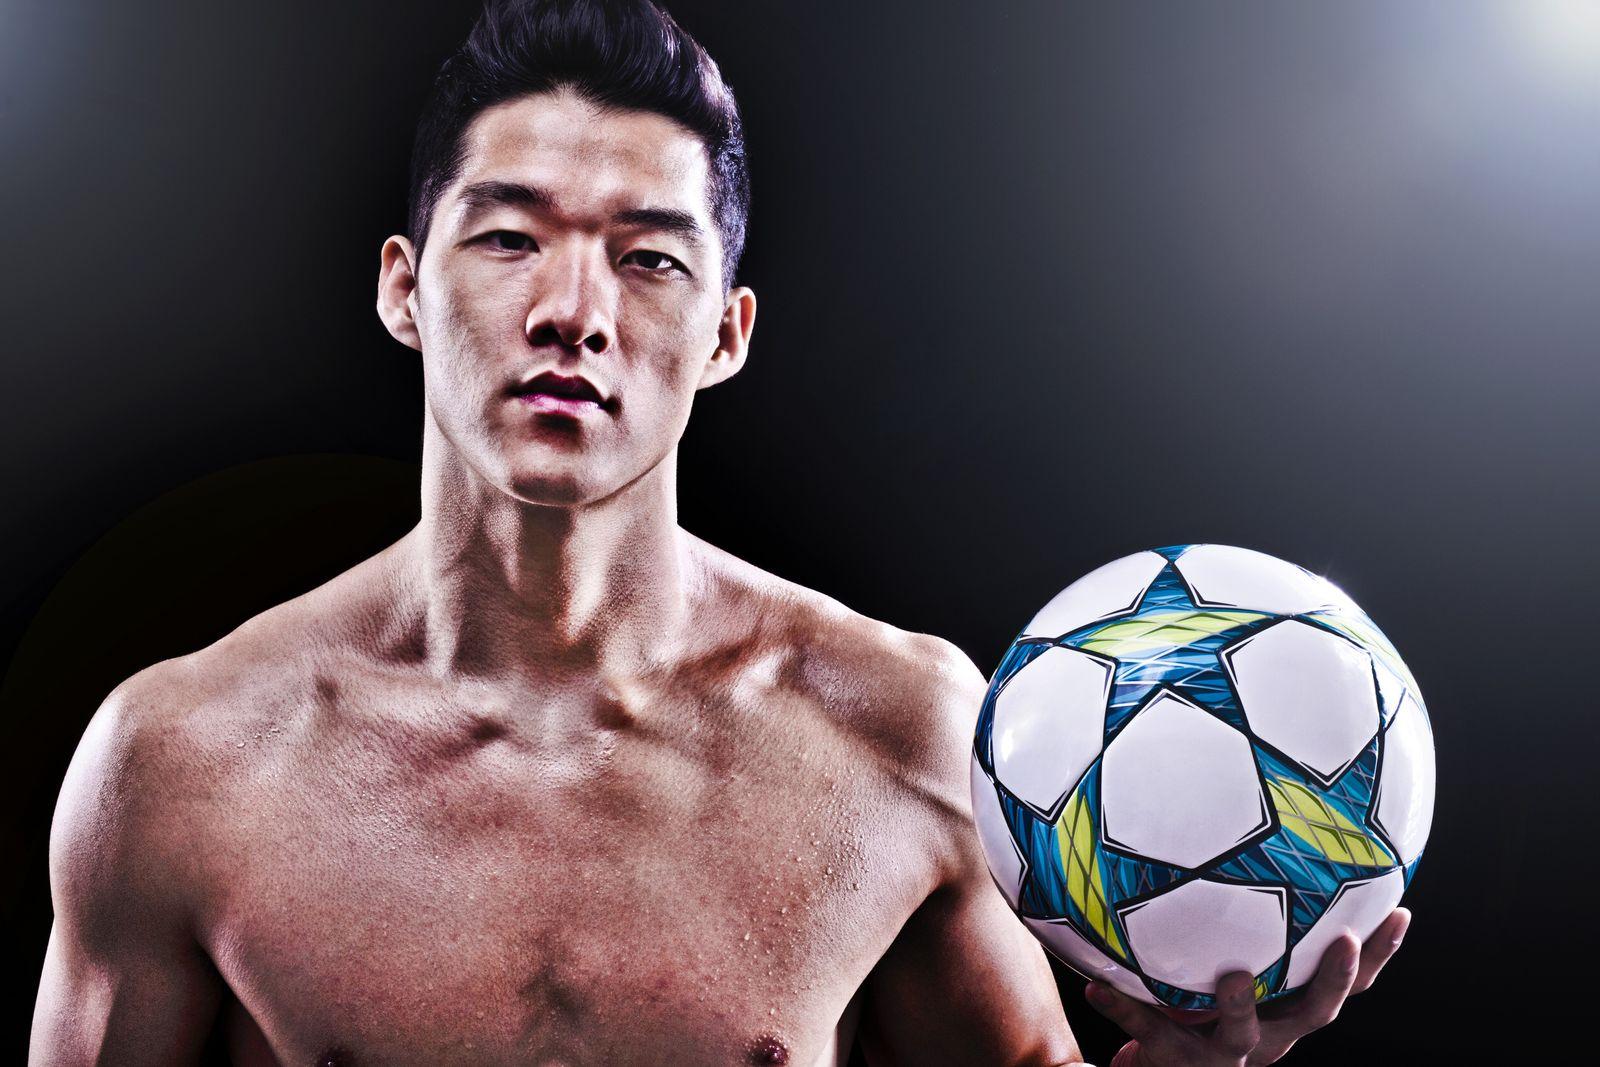 NICHT MEHR VERWENDEN! - Symbolbild Fussball / Homosexualität / Sexualität